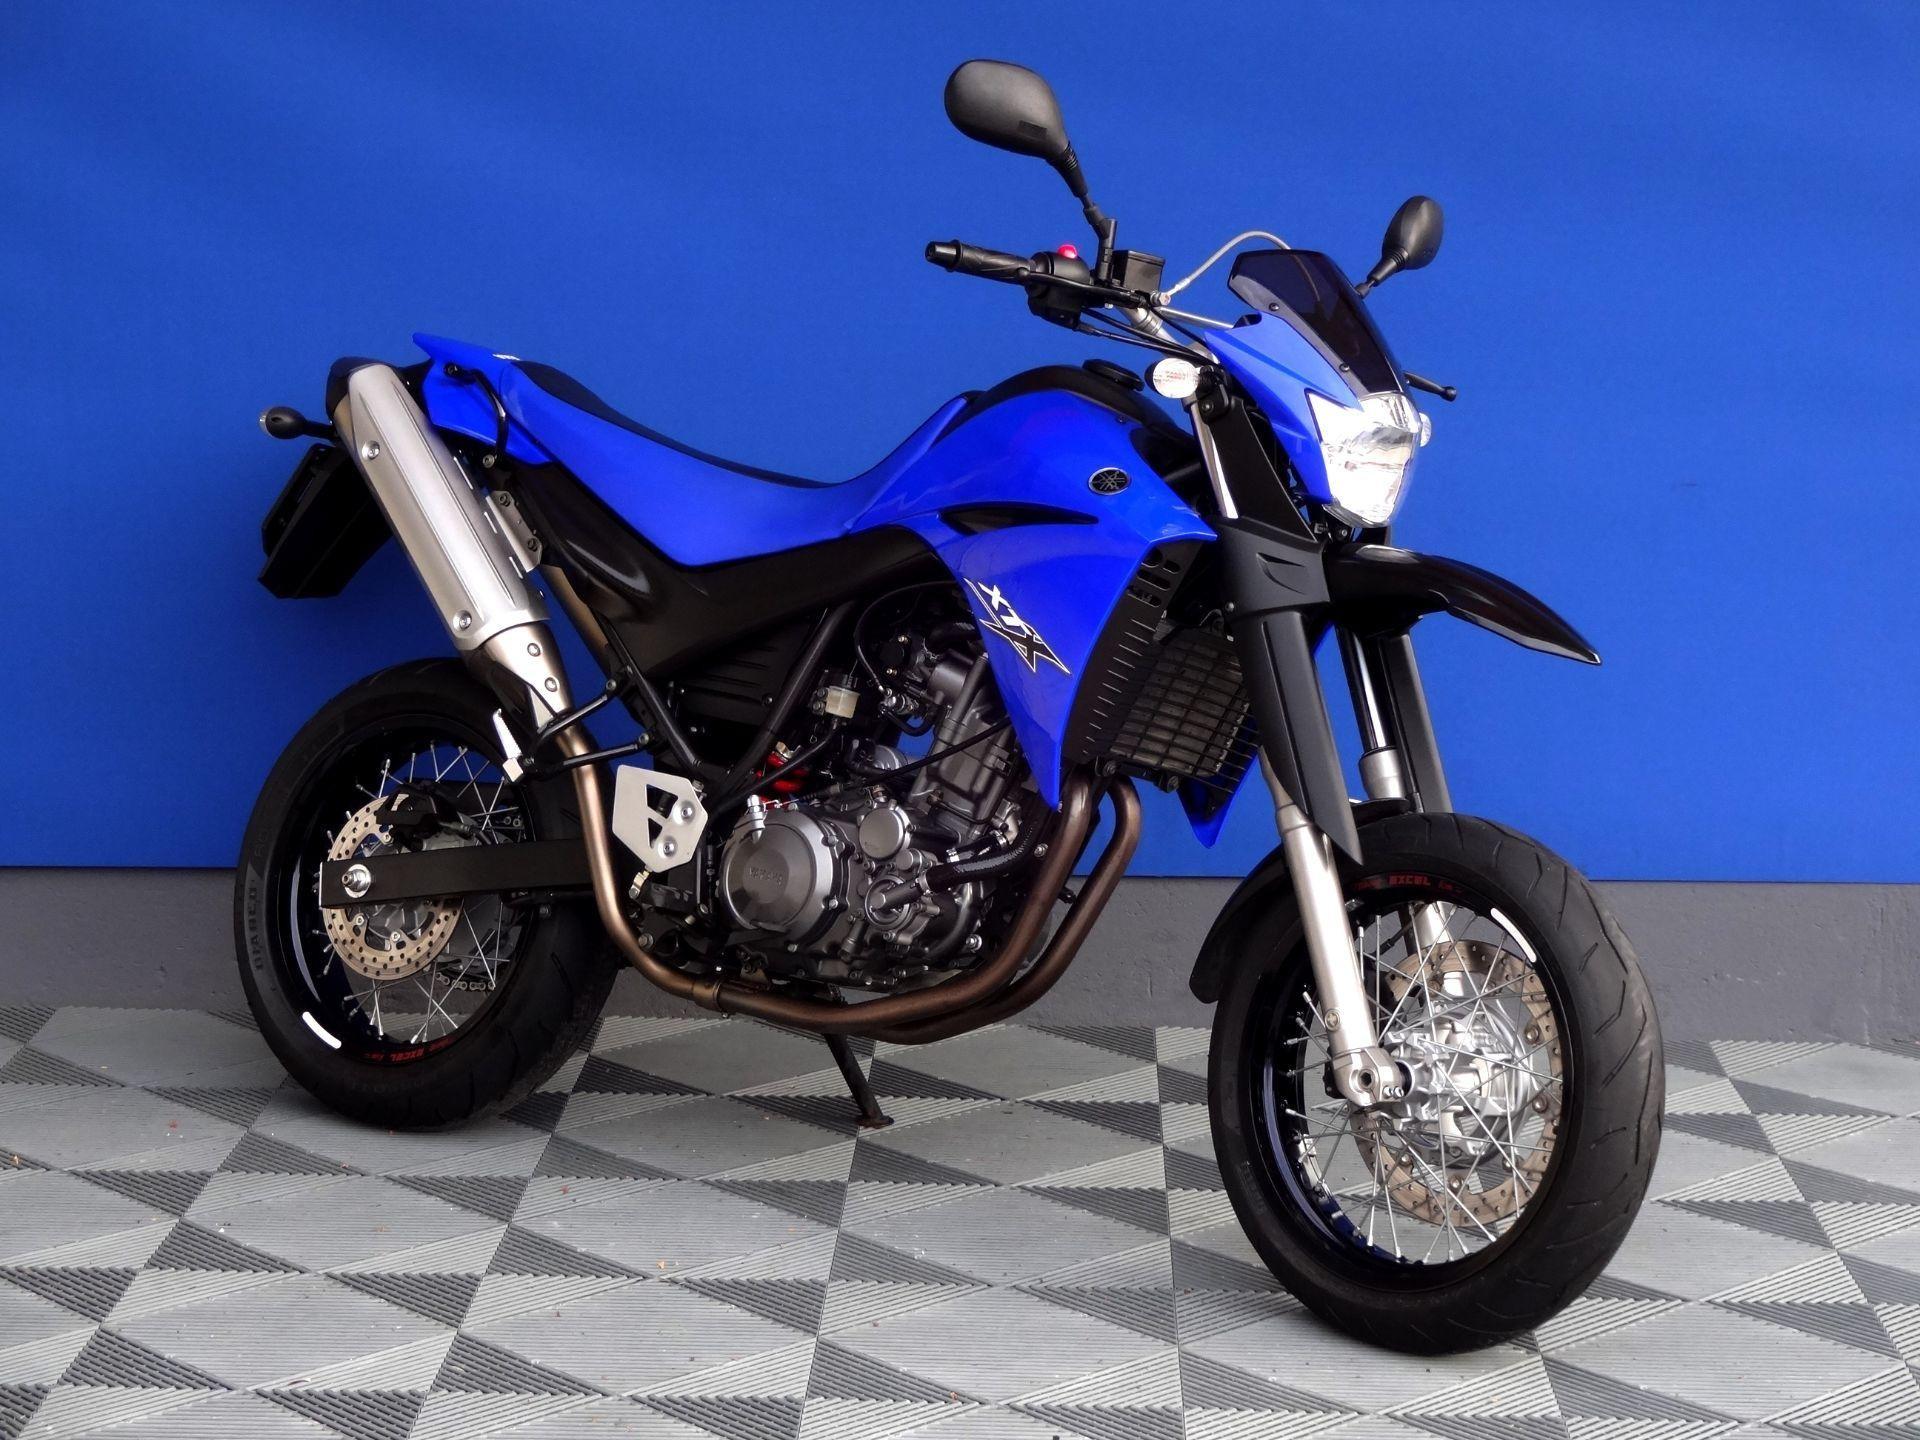 motorrad occasion kaufen yamaha xt 660 x sm vogel motorbikes sch pfheim. Black Bedroom Furniture Sets. Home Design Ideas